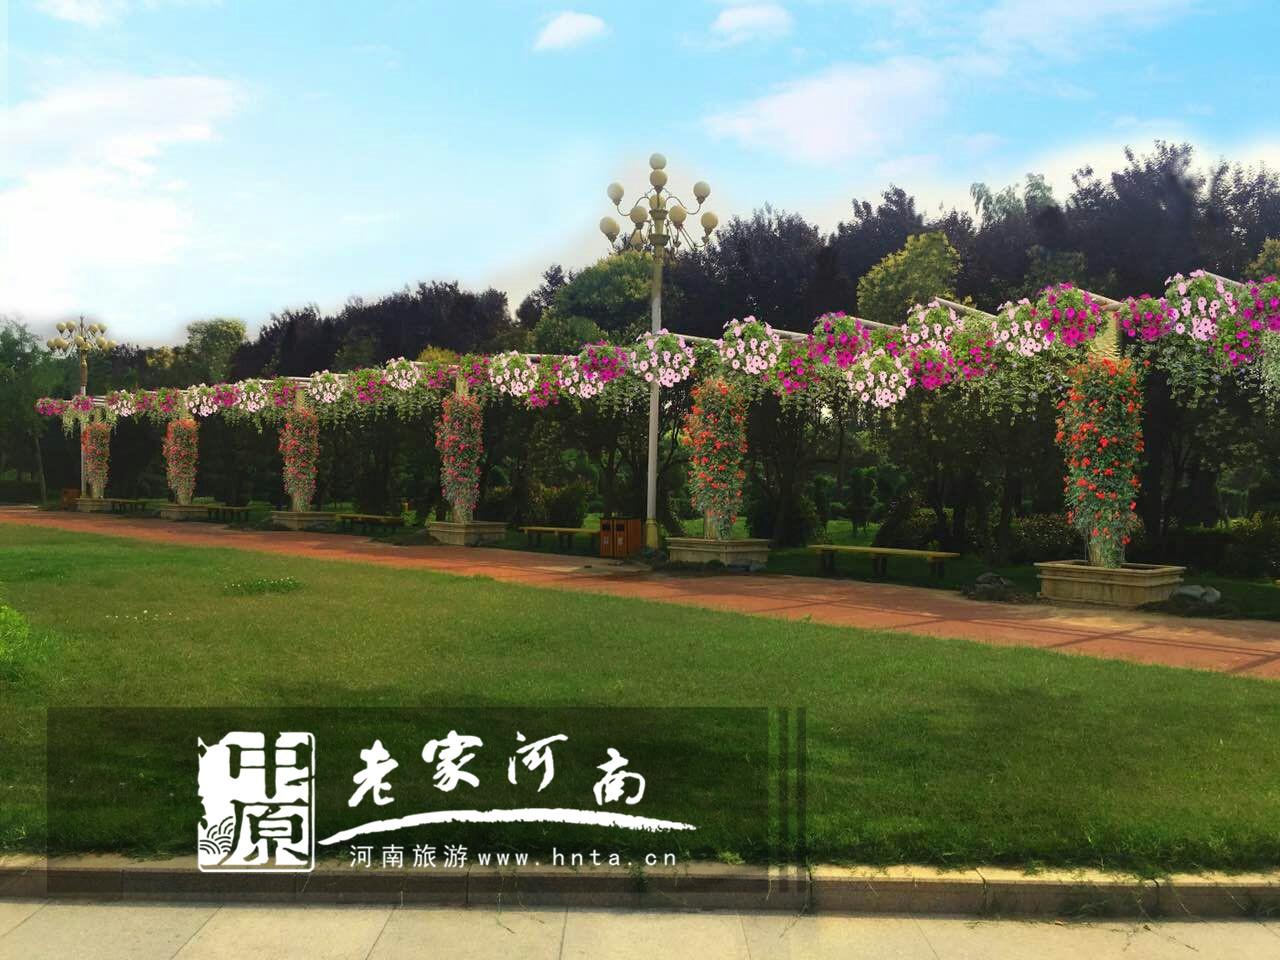 活动期间所有到鄢陵消费游客均可享受免费游览鹤鸣湖风景区,园中缘